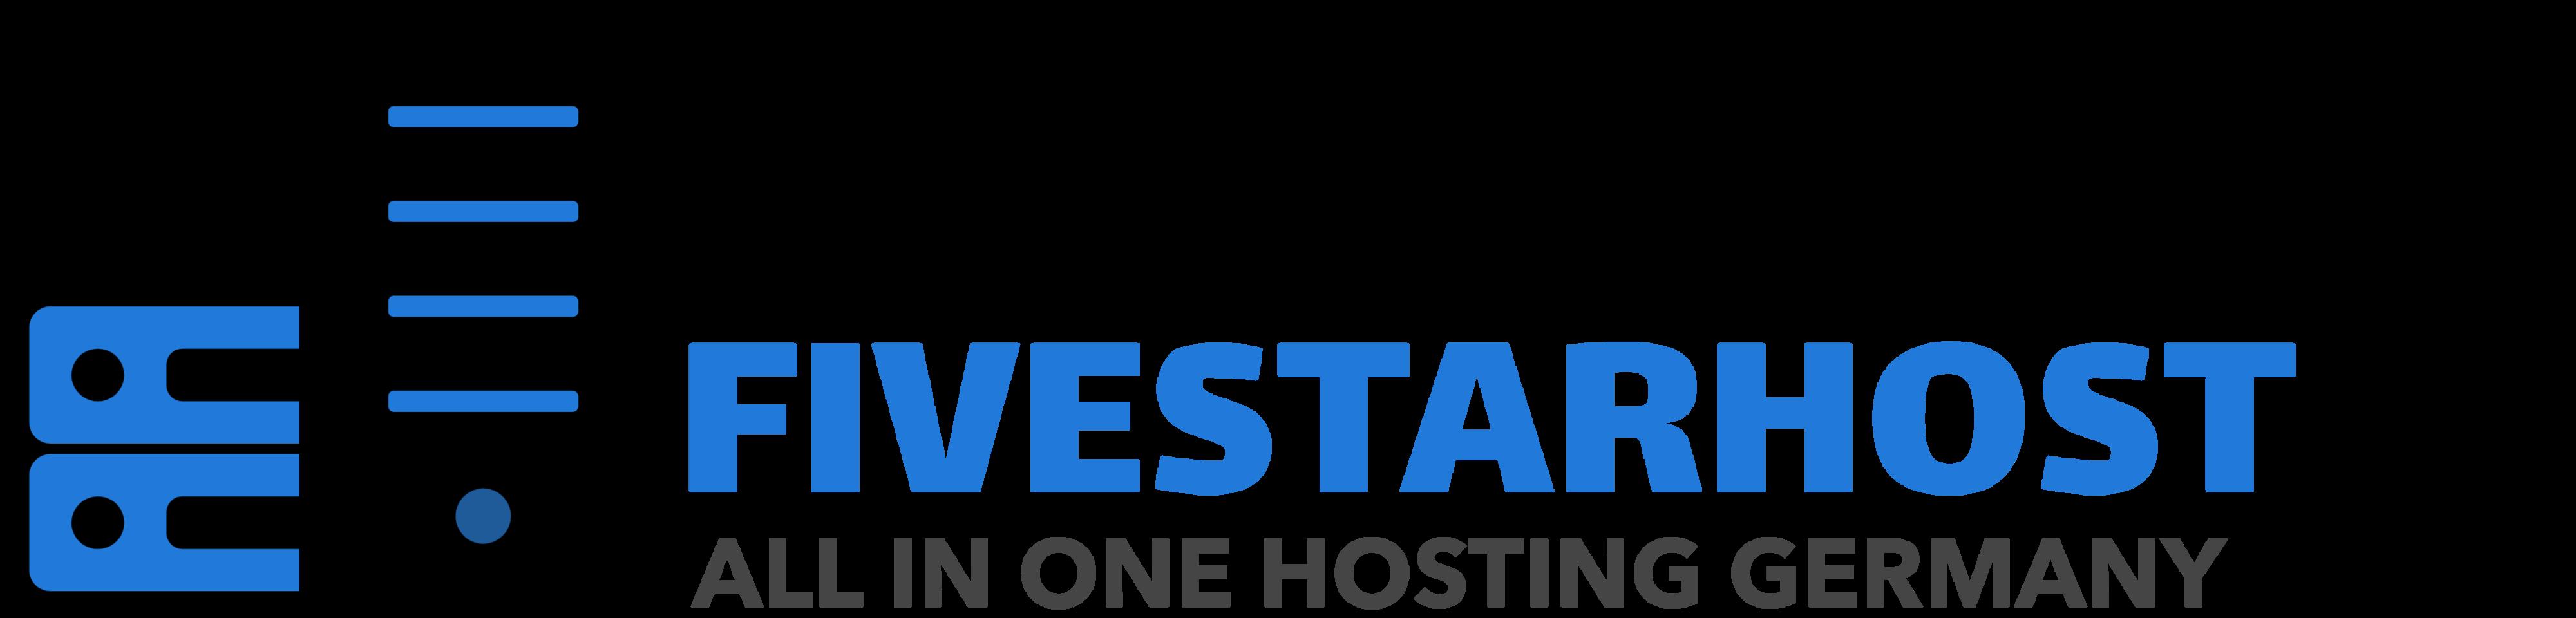 FiveStarHost